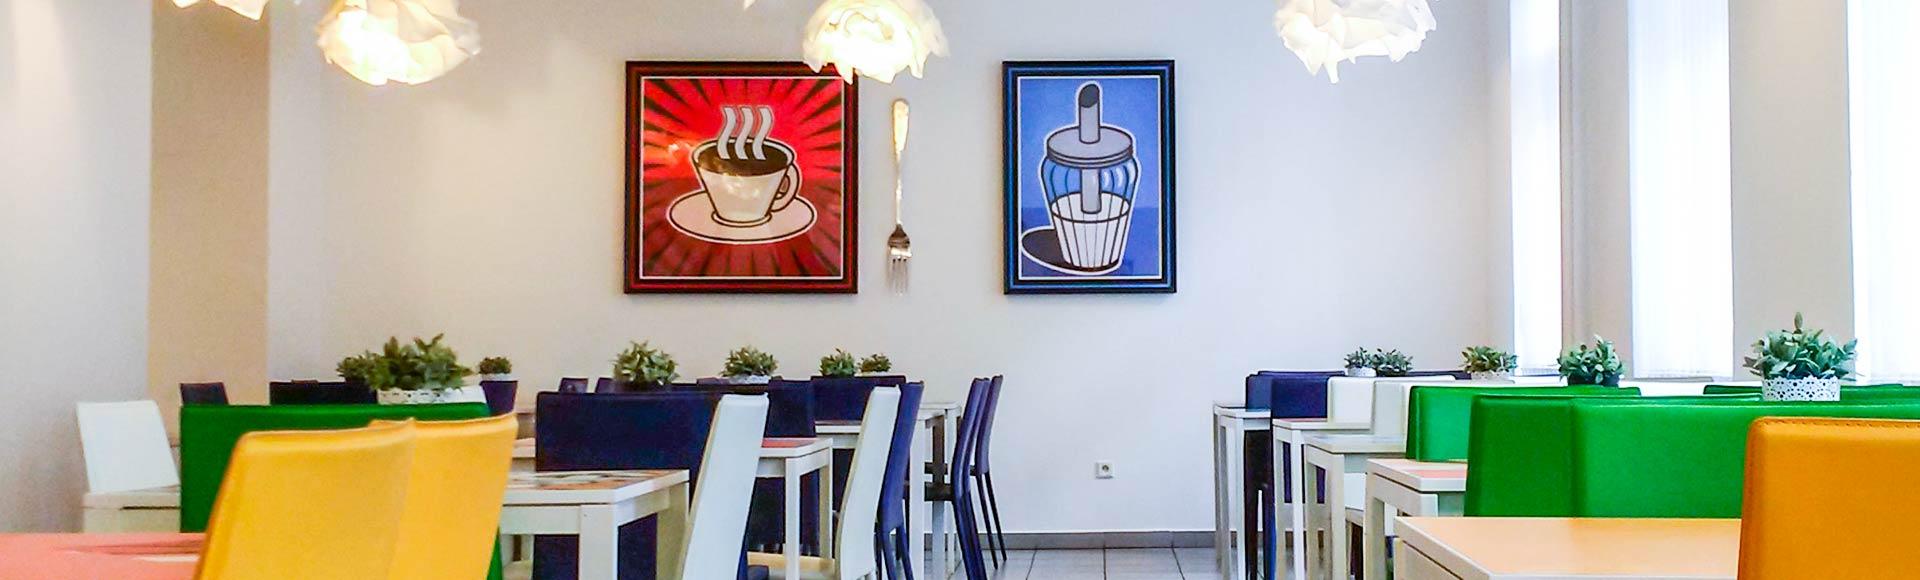 GastroBistro Praha 5 Zborovská ulice kontakt